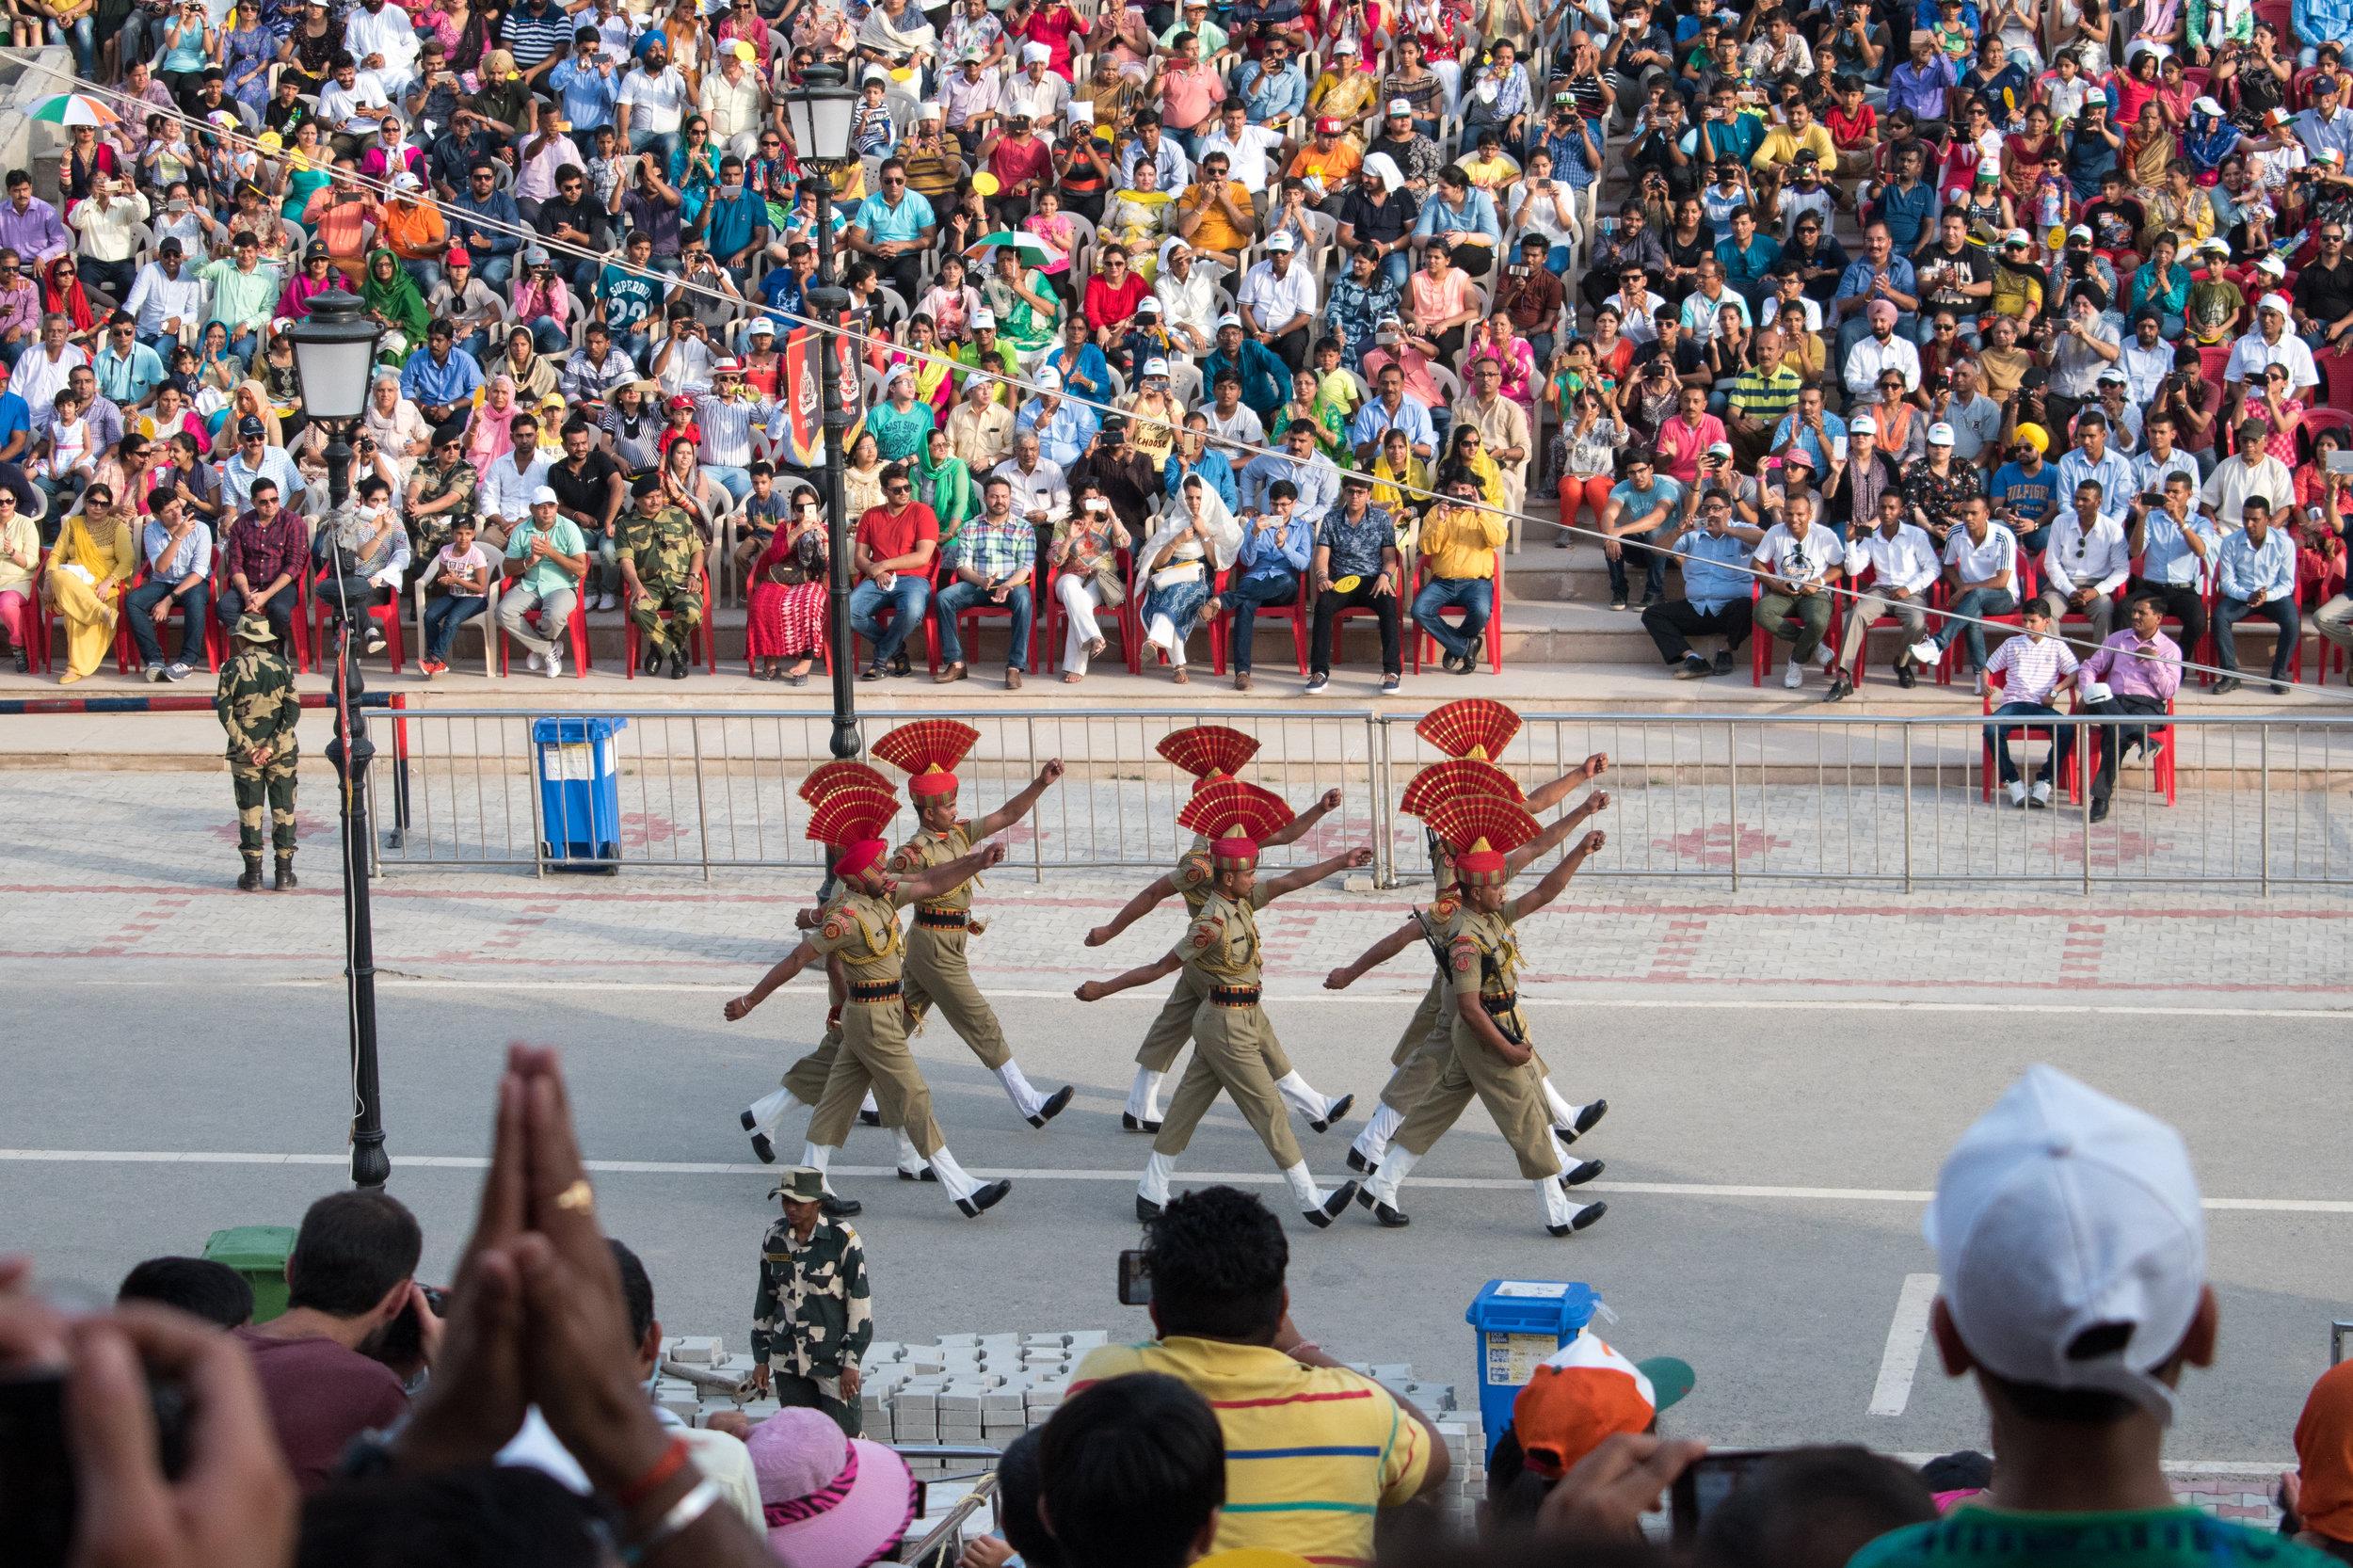 Impressive Hats And High Kicks At The Wagah Border, India